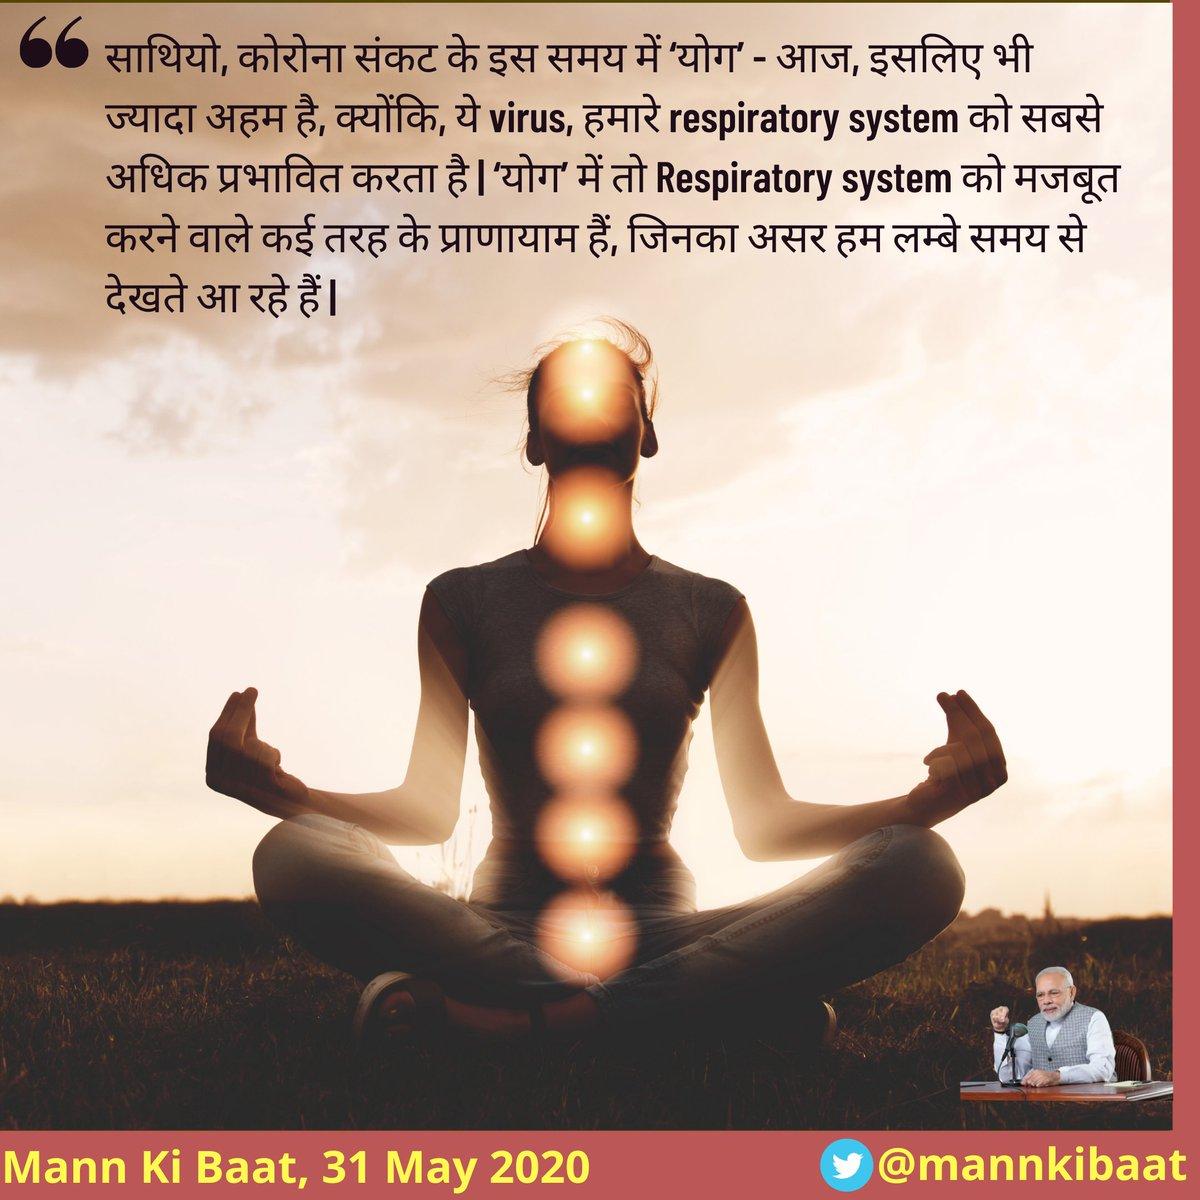 कई तरह के प्राणायाम हैं जो हमारे Respiratory System को मजबूत करते हैं। #IndiaFightsCorona #MannKiBaat #yoga